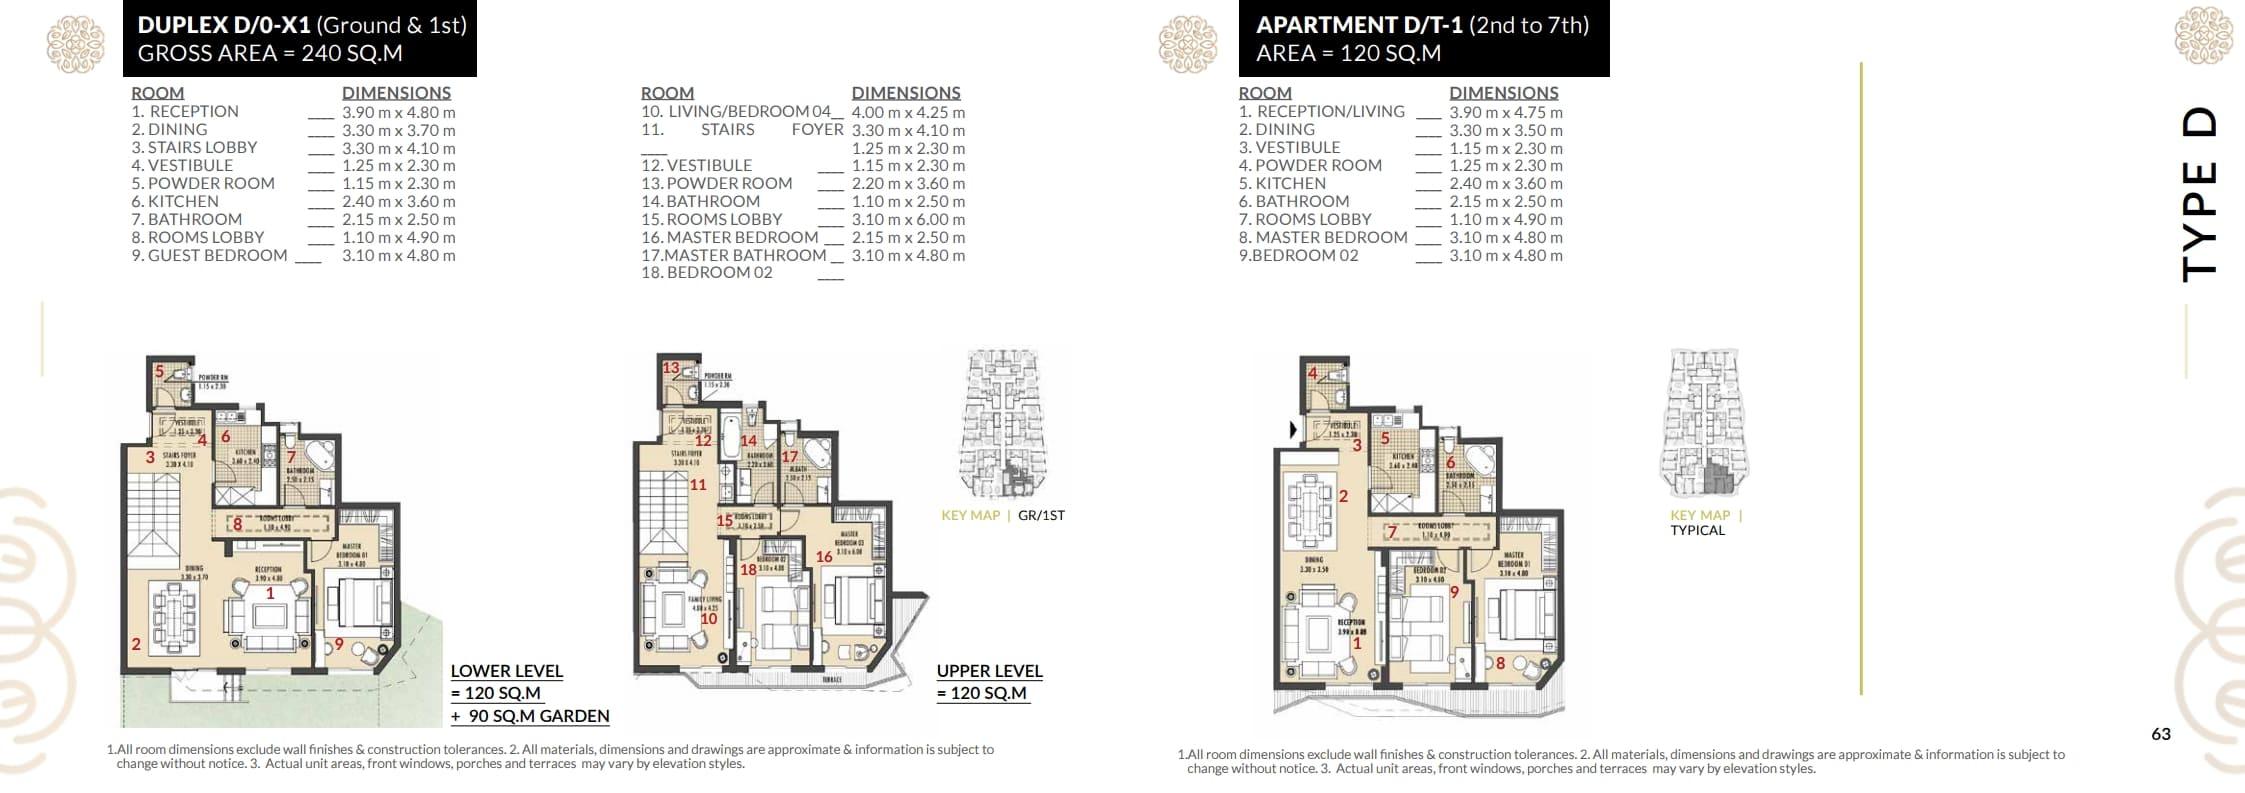 شقة240م للبيع بكمبوند روزس العاصمة الاداريه باقساط تصل ل9سنوات